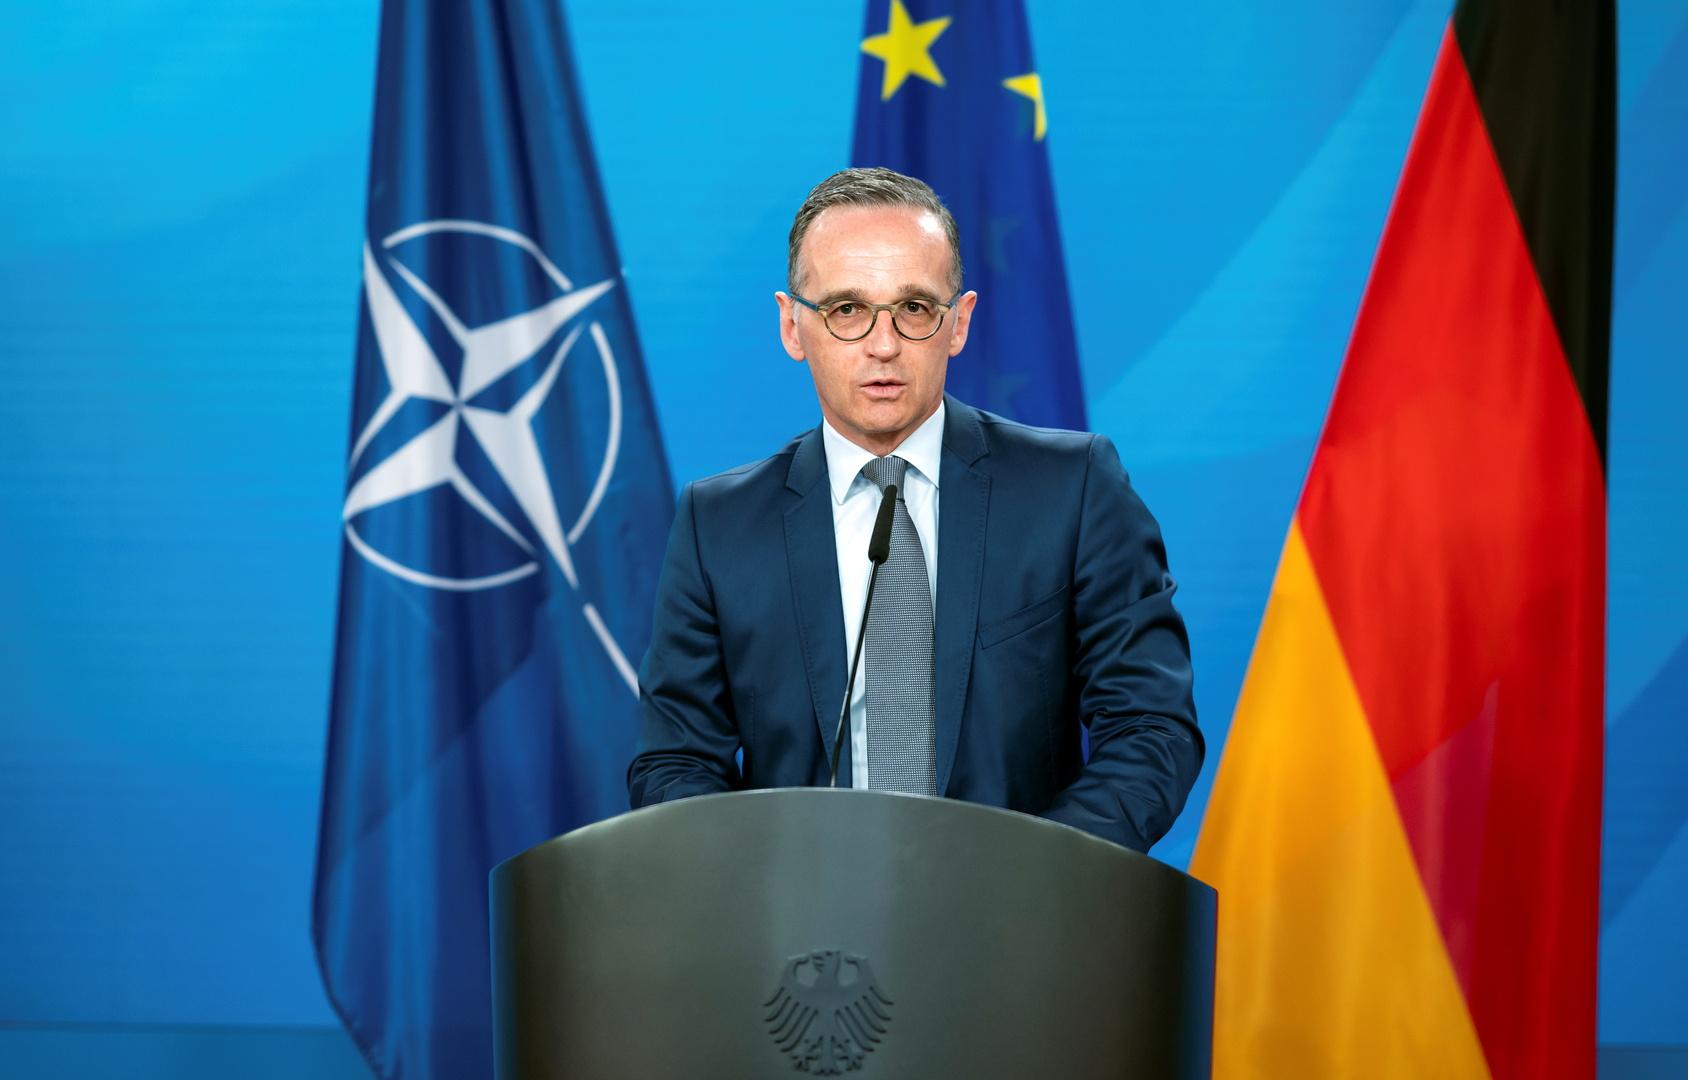 ألمانيا تعلق على طلب أوكرانيا تزويدها بالسلاح وتؤكد أنه لن يساعد على حل الصراع